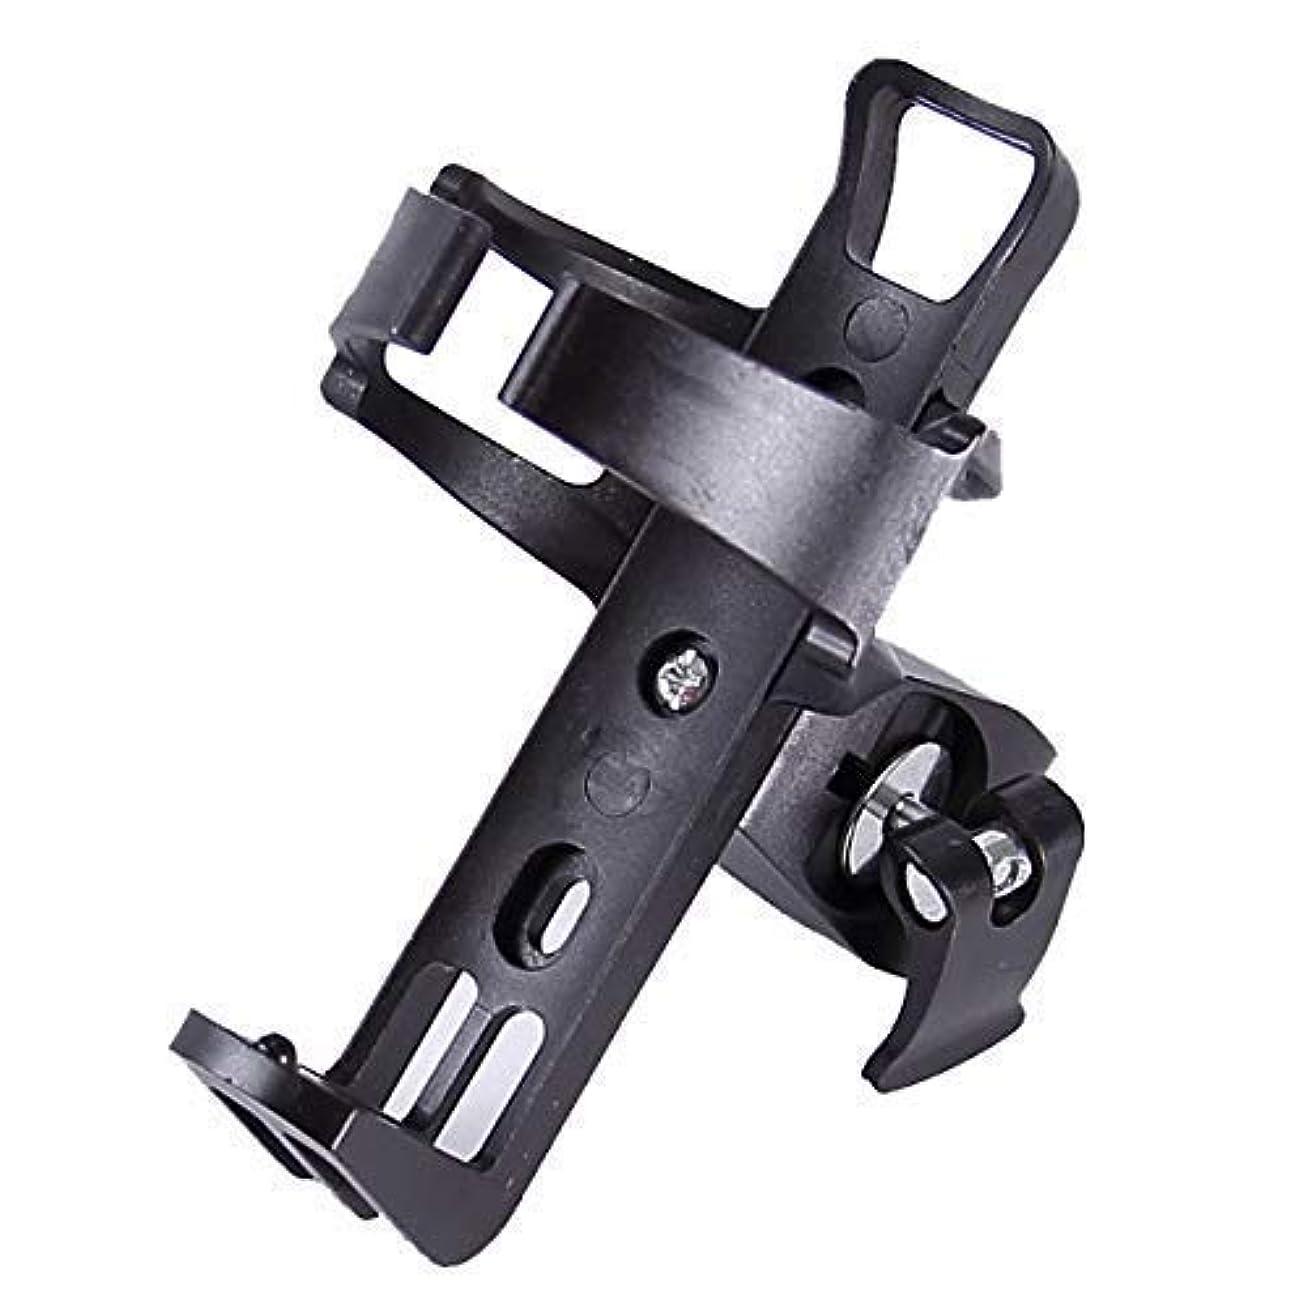 腹痛リダクターいたずらSoytichボトルケージボトルホルダー自転車用ドリンクホルダーDosenhalterung F 5ブラック